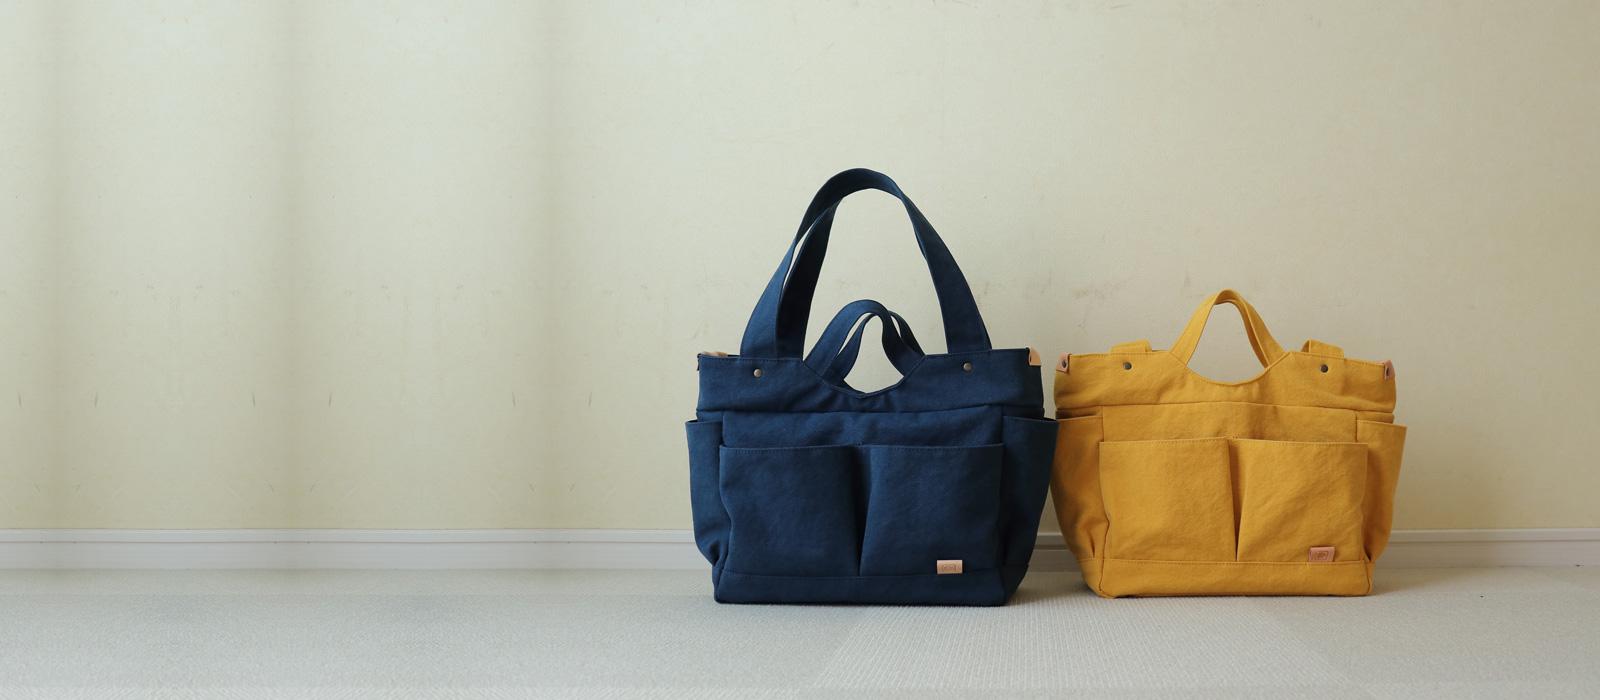 多ポケット A4サイズ対応 2Way肩掛けトートバッグお散歩2Wayトートバッグ